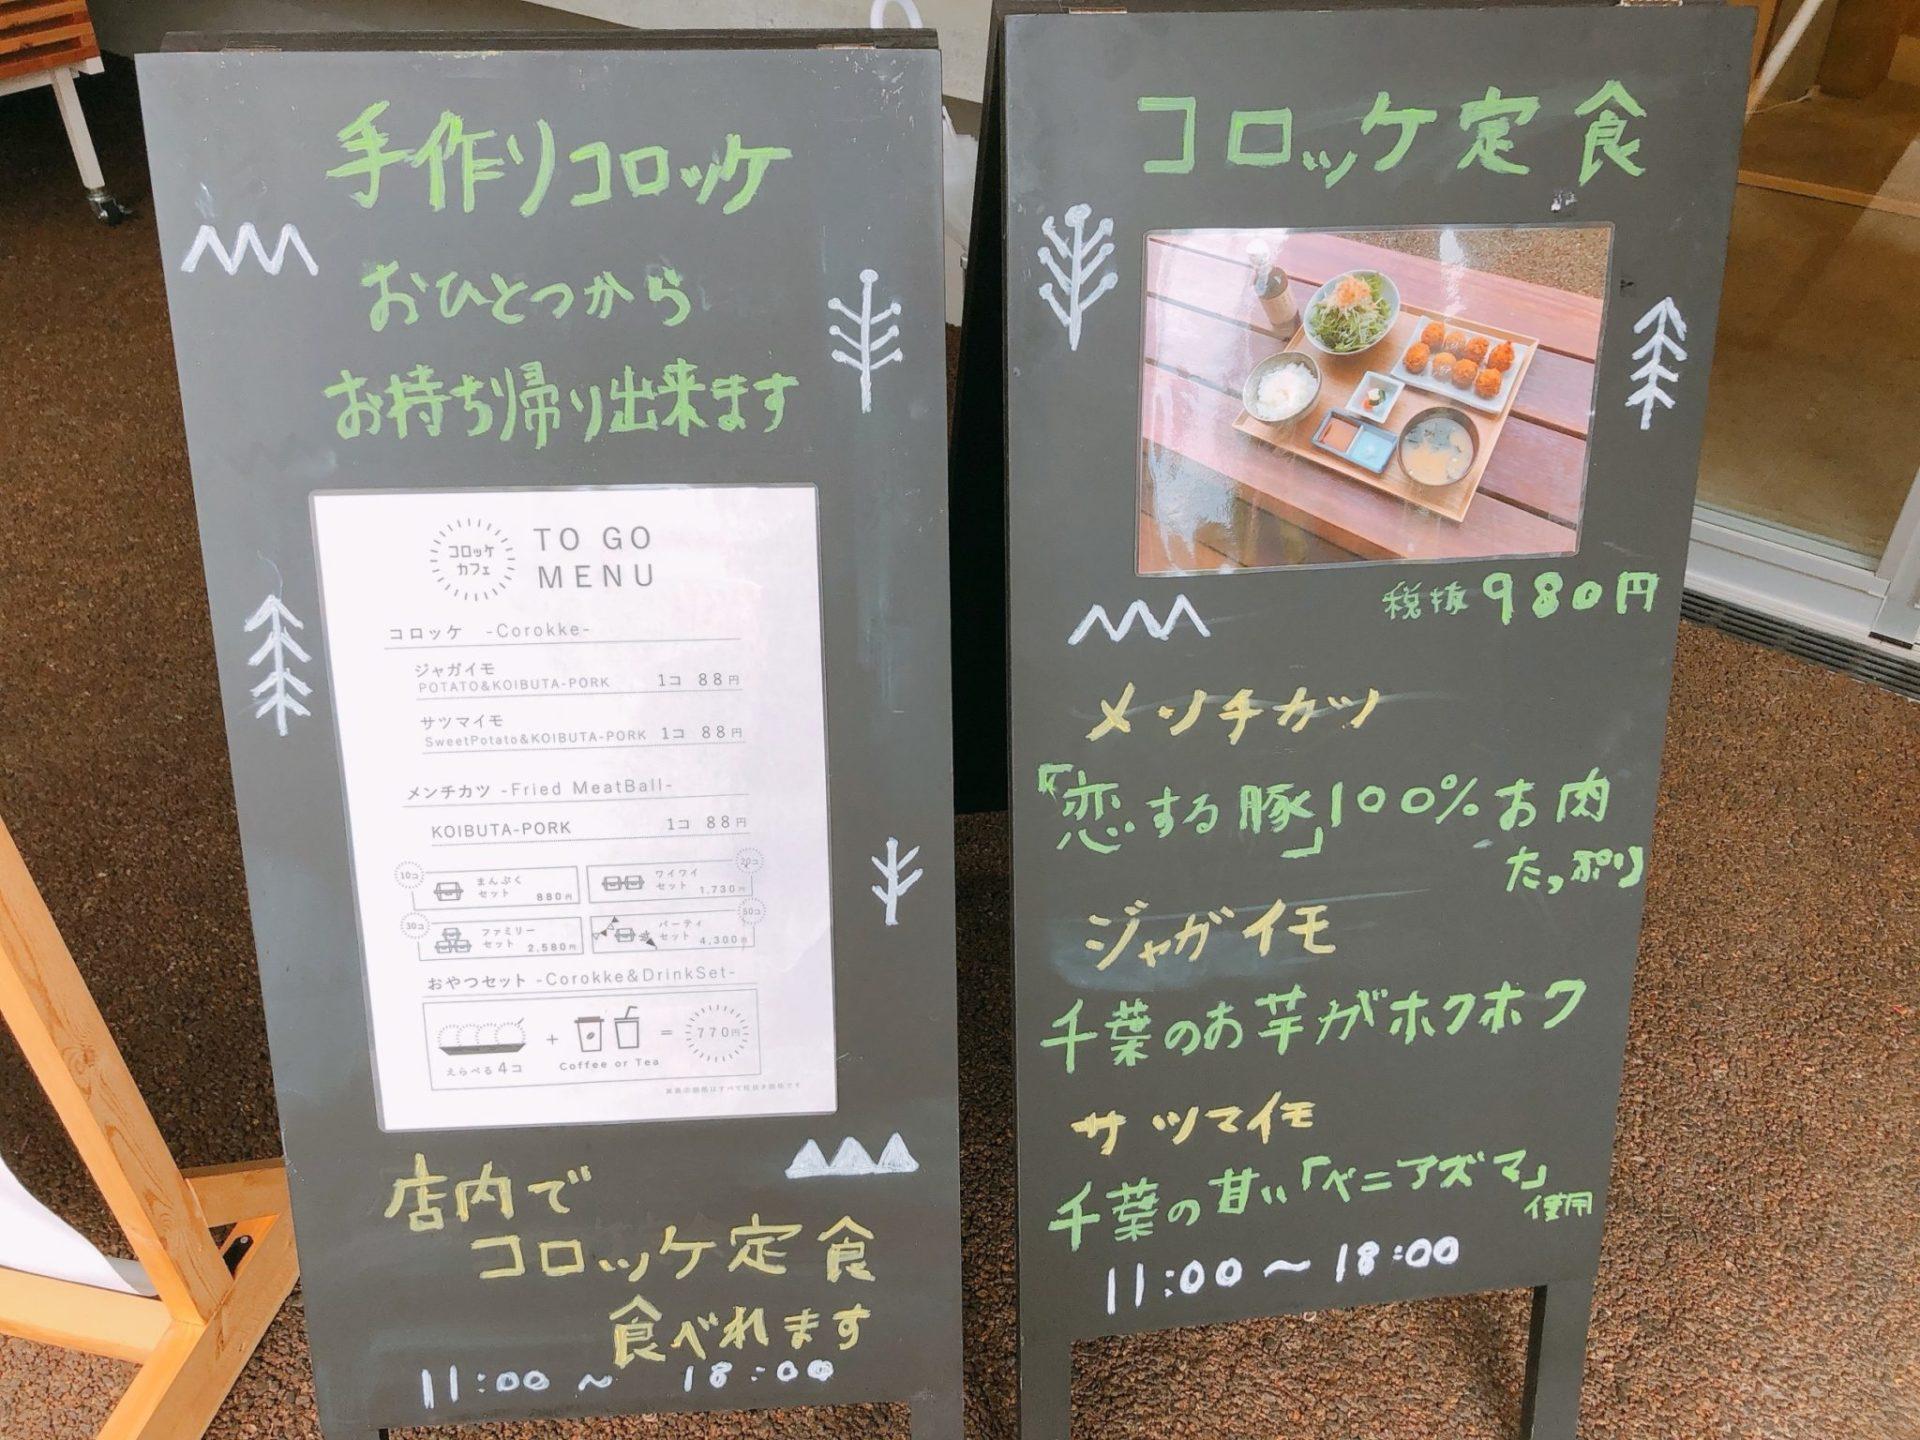 恋する豚研究所・コロッケカフェ下北沢店のメニュー